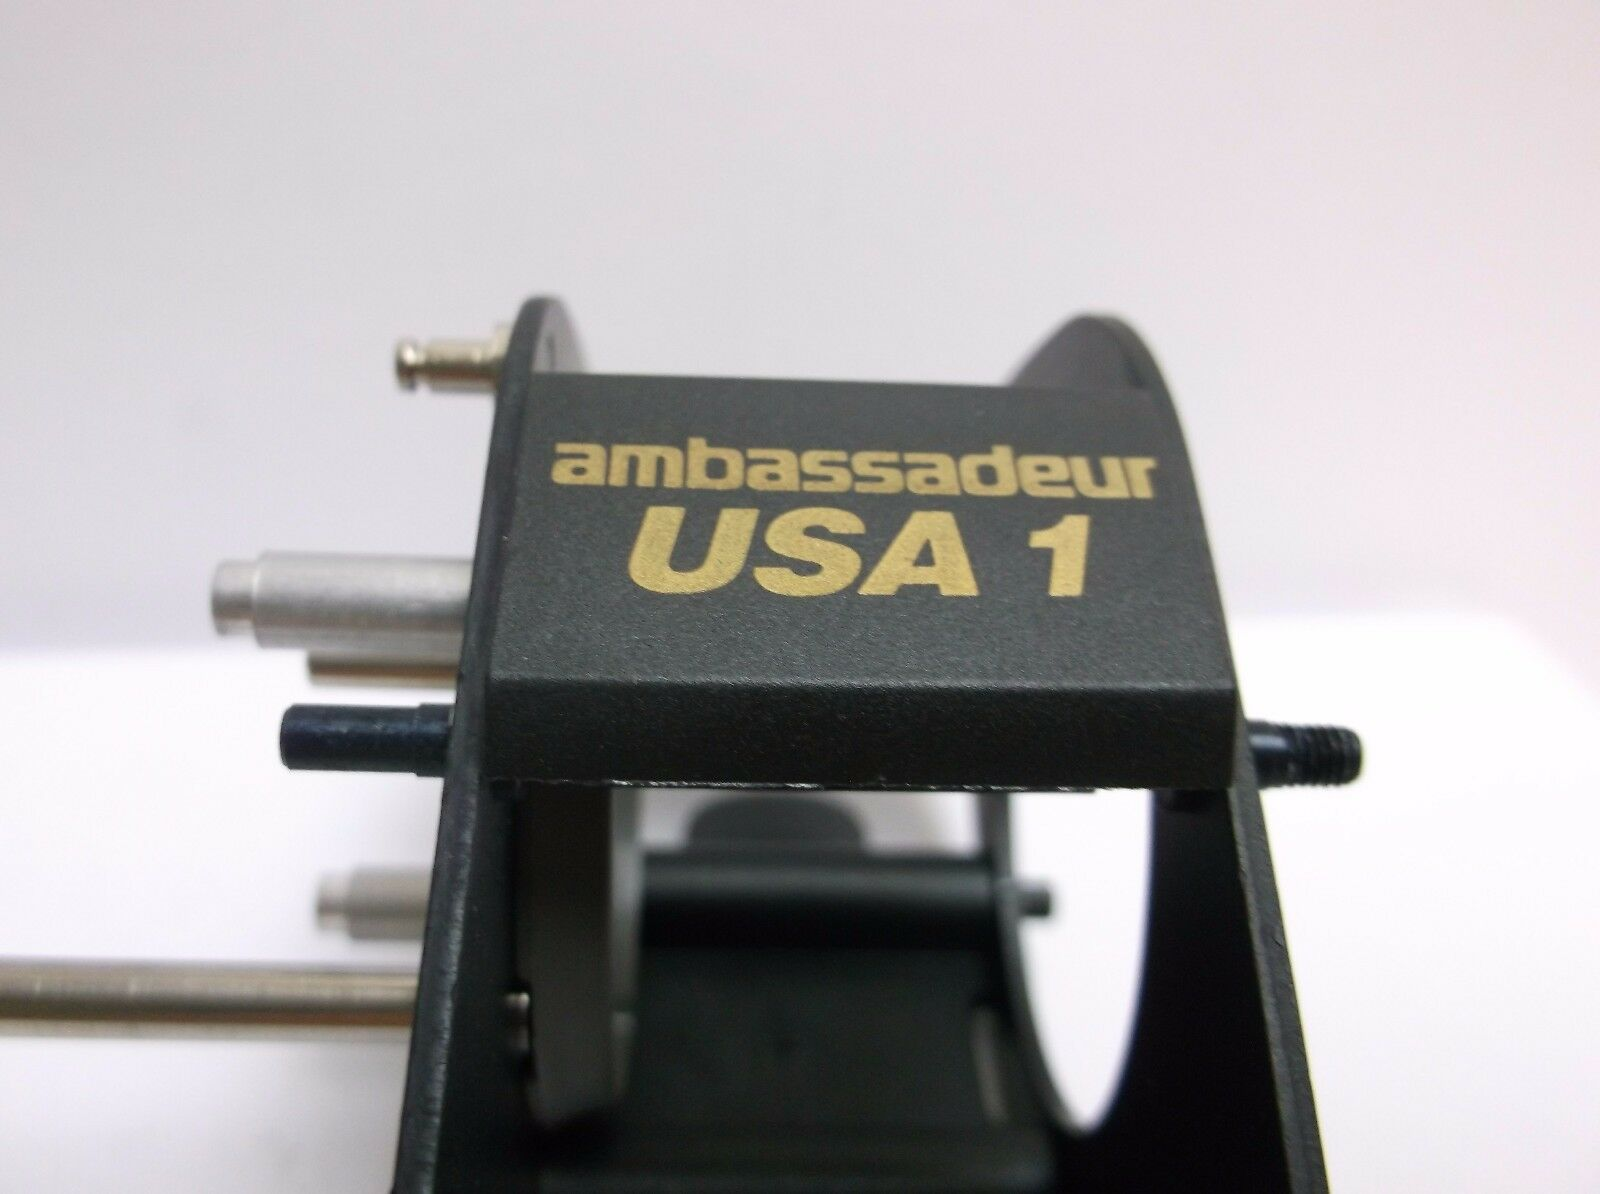 ABU GARCIA SPINNING REEL PART - 803211 Ambassadeur USA 1 (89-0) - Frame